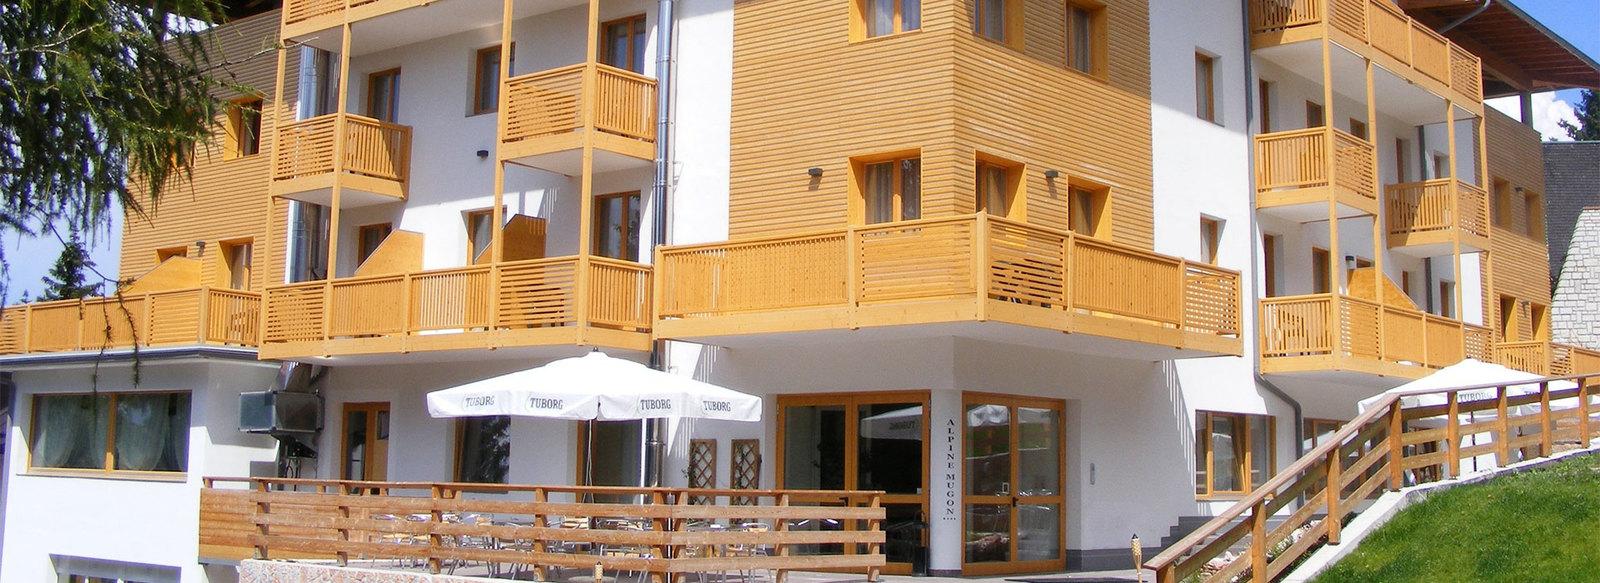 1.000 mq di spa sulle Dolomiti